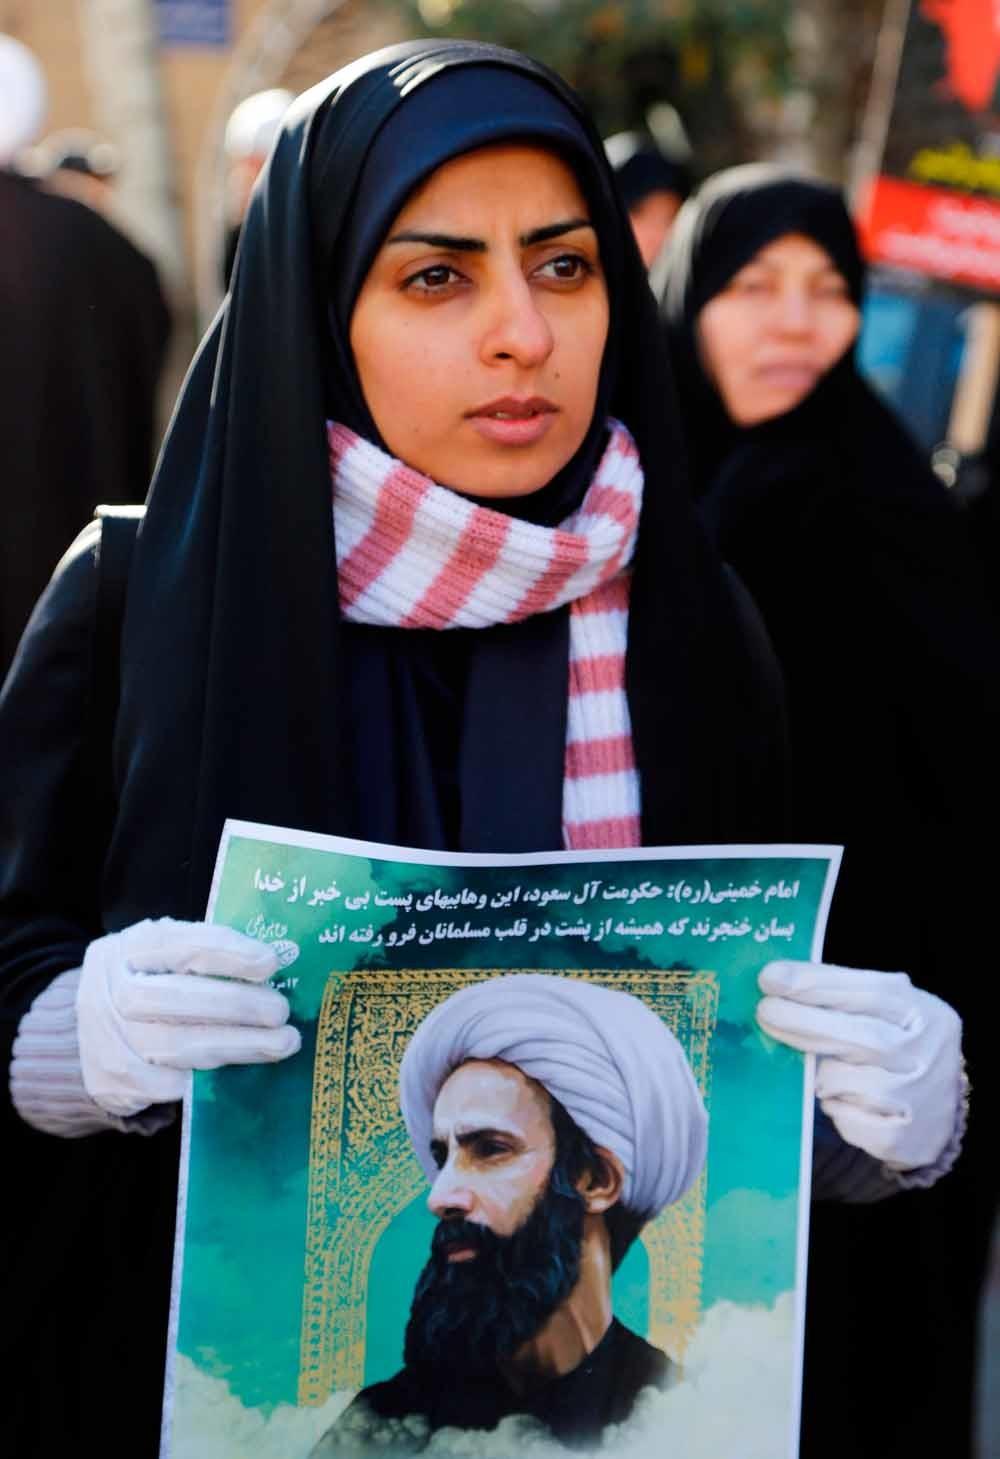 Een Iraanse vrouw houdt een poster omhoog van Nimr Baqir al-Nimr voor de Saoedische ambassade in Teheran. – © Getty